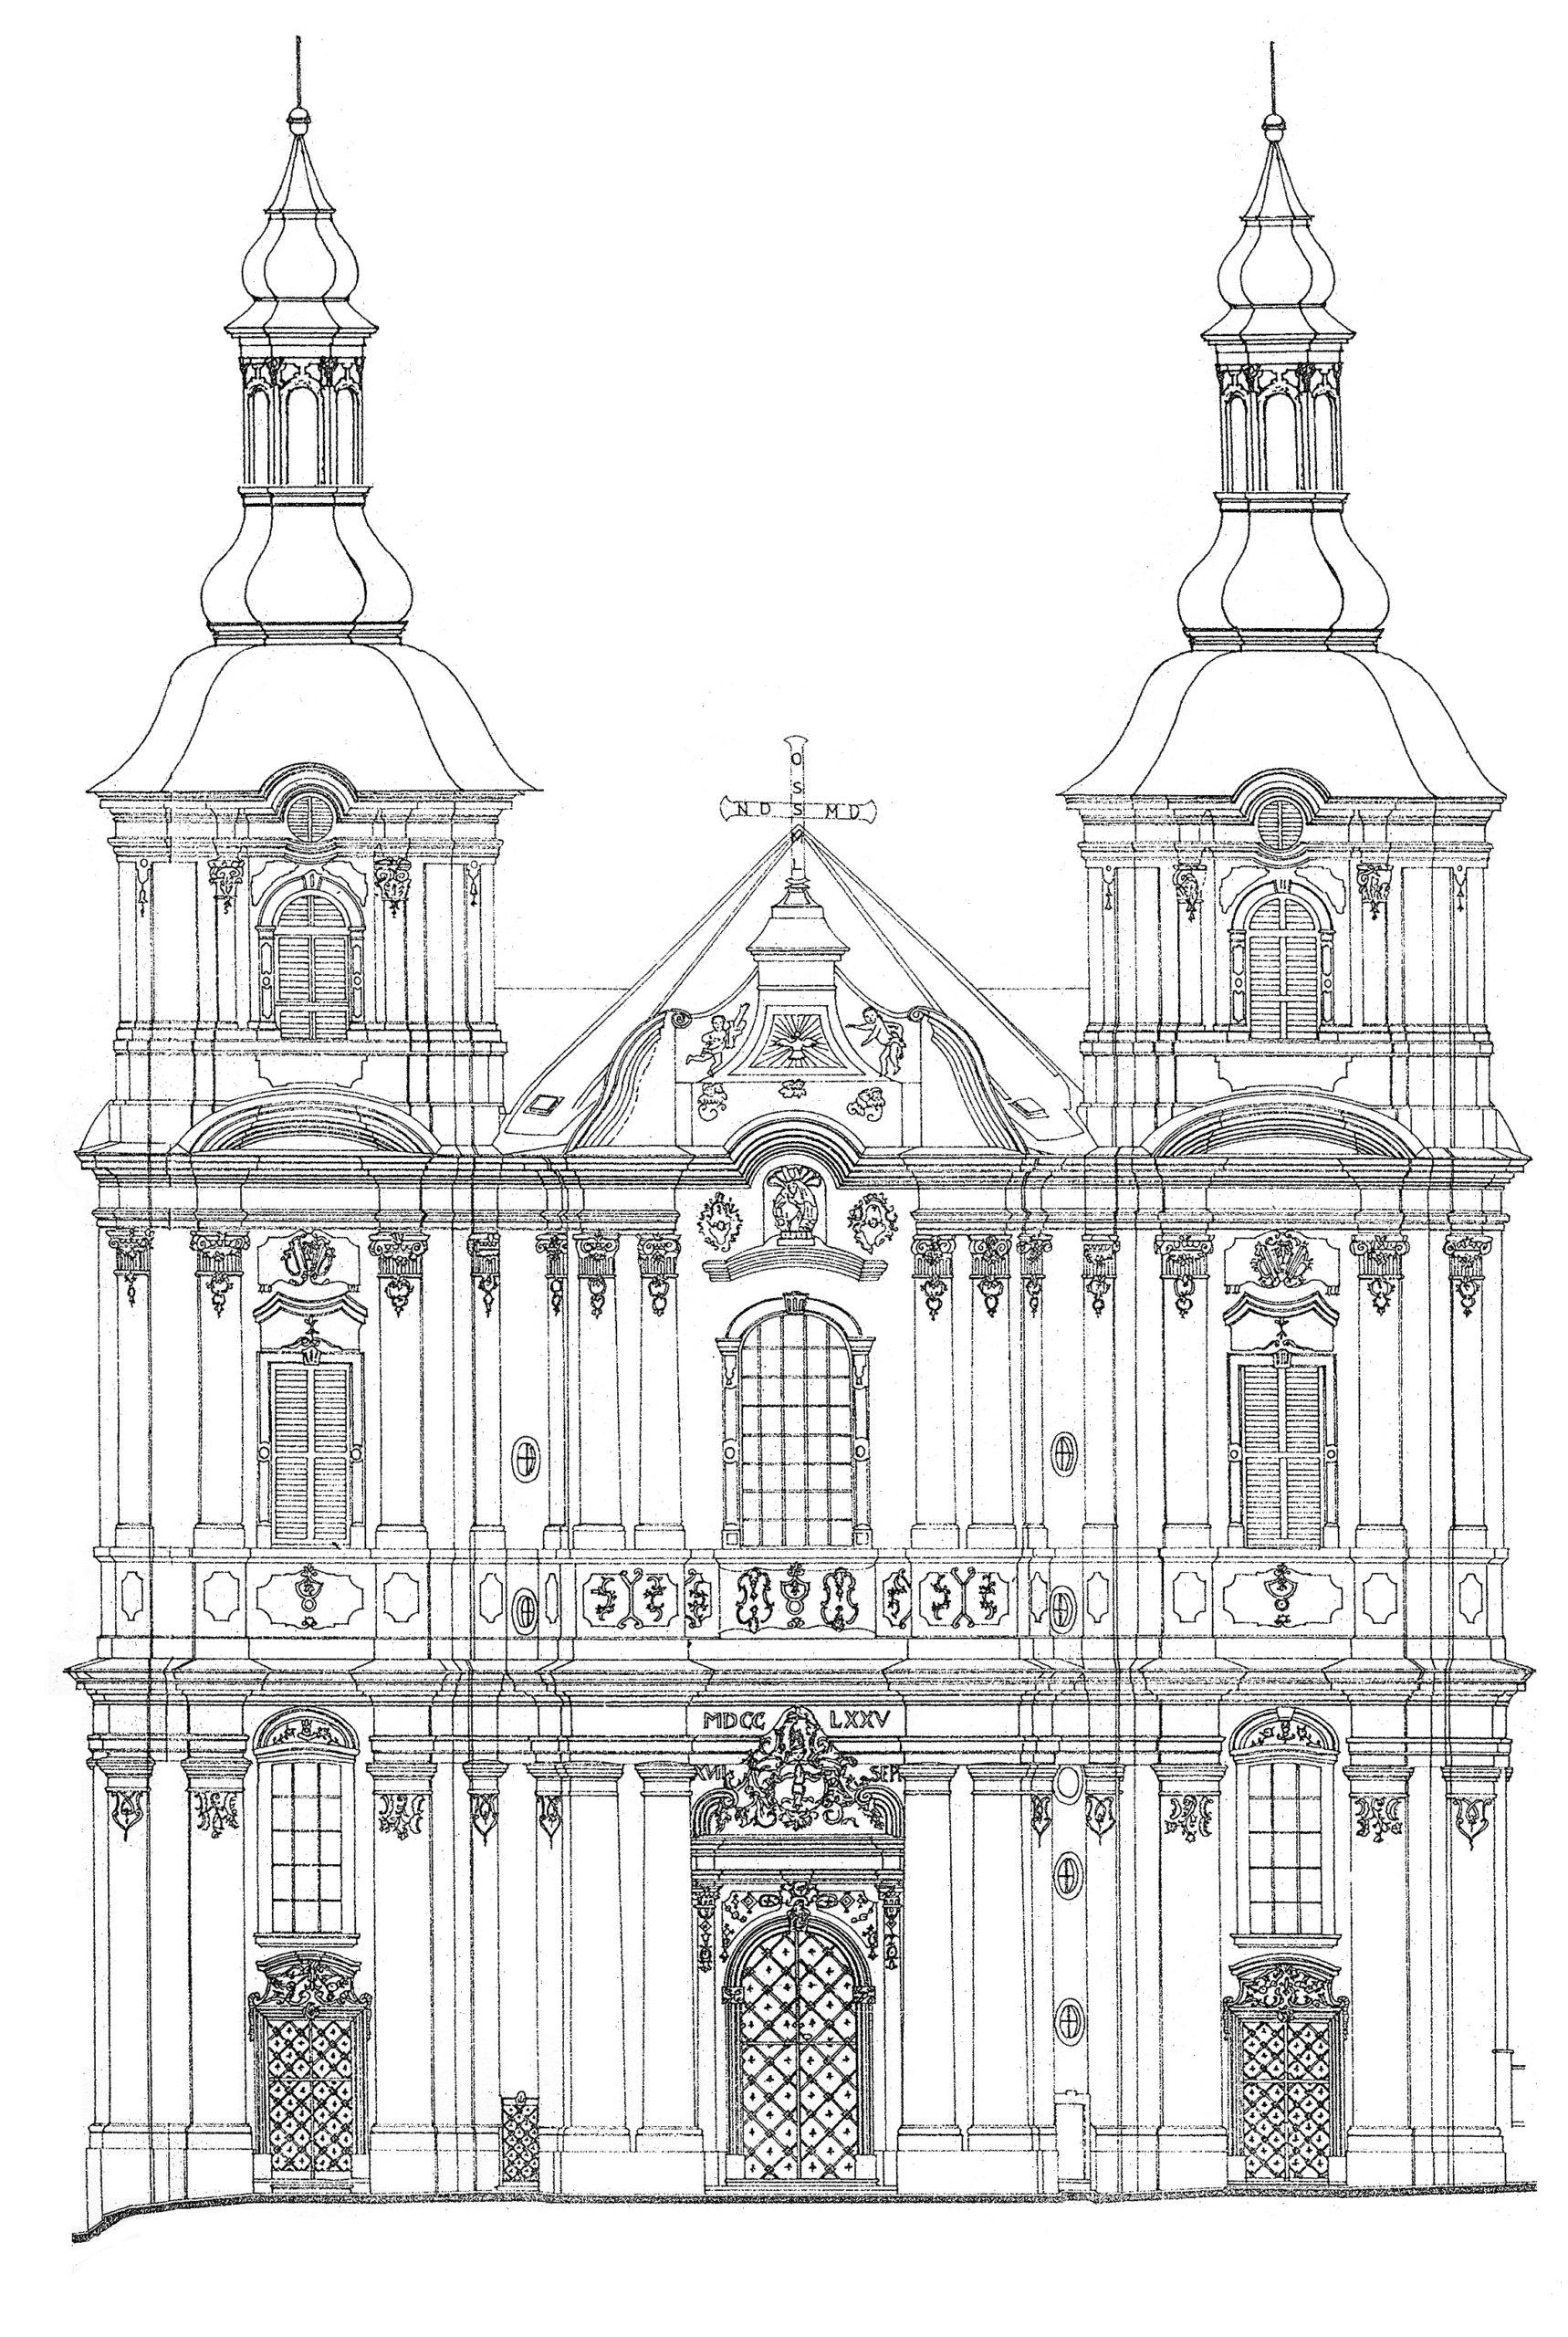 Kostel Nanebevzetí Panny Marie vPřešticích, havní průčelí – realizovaný návrh dostavby věží